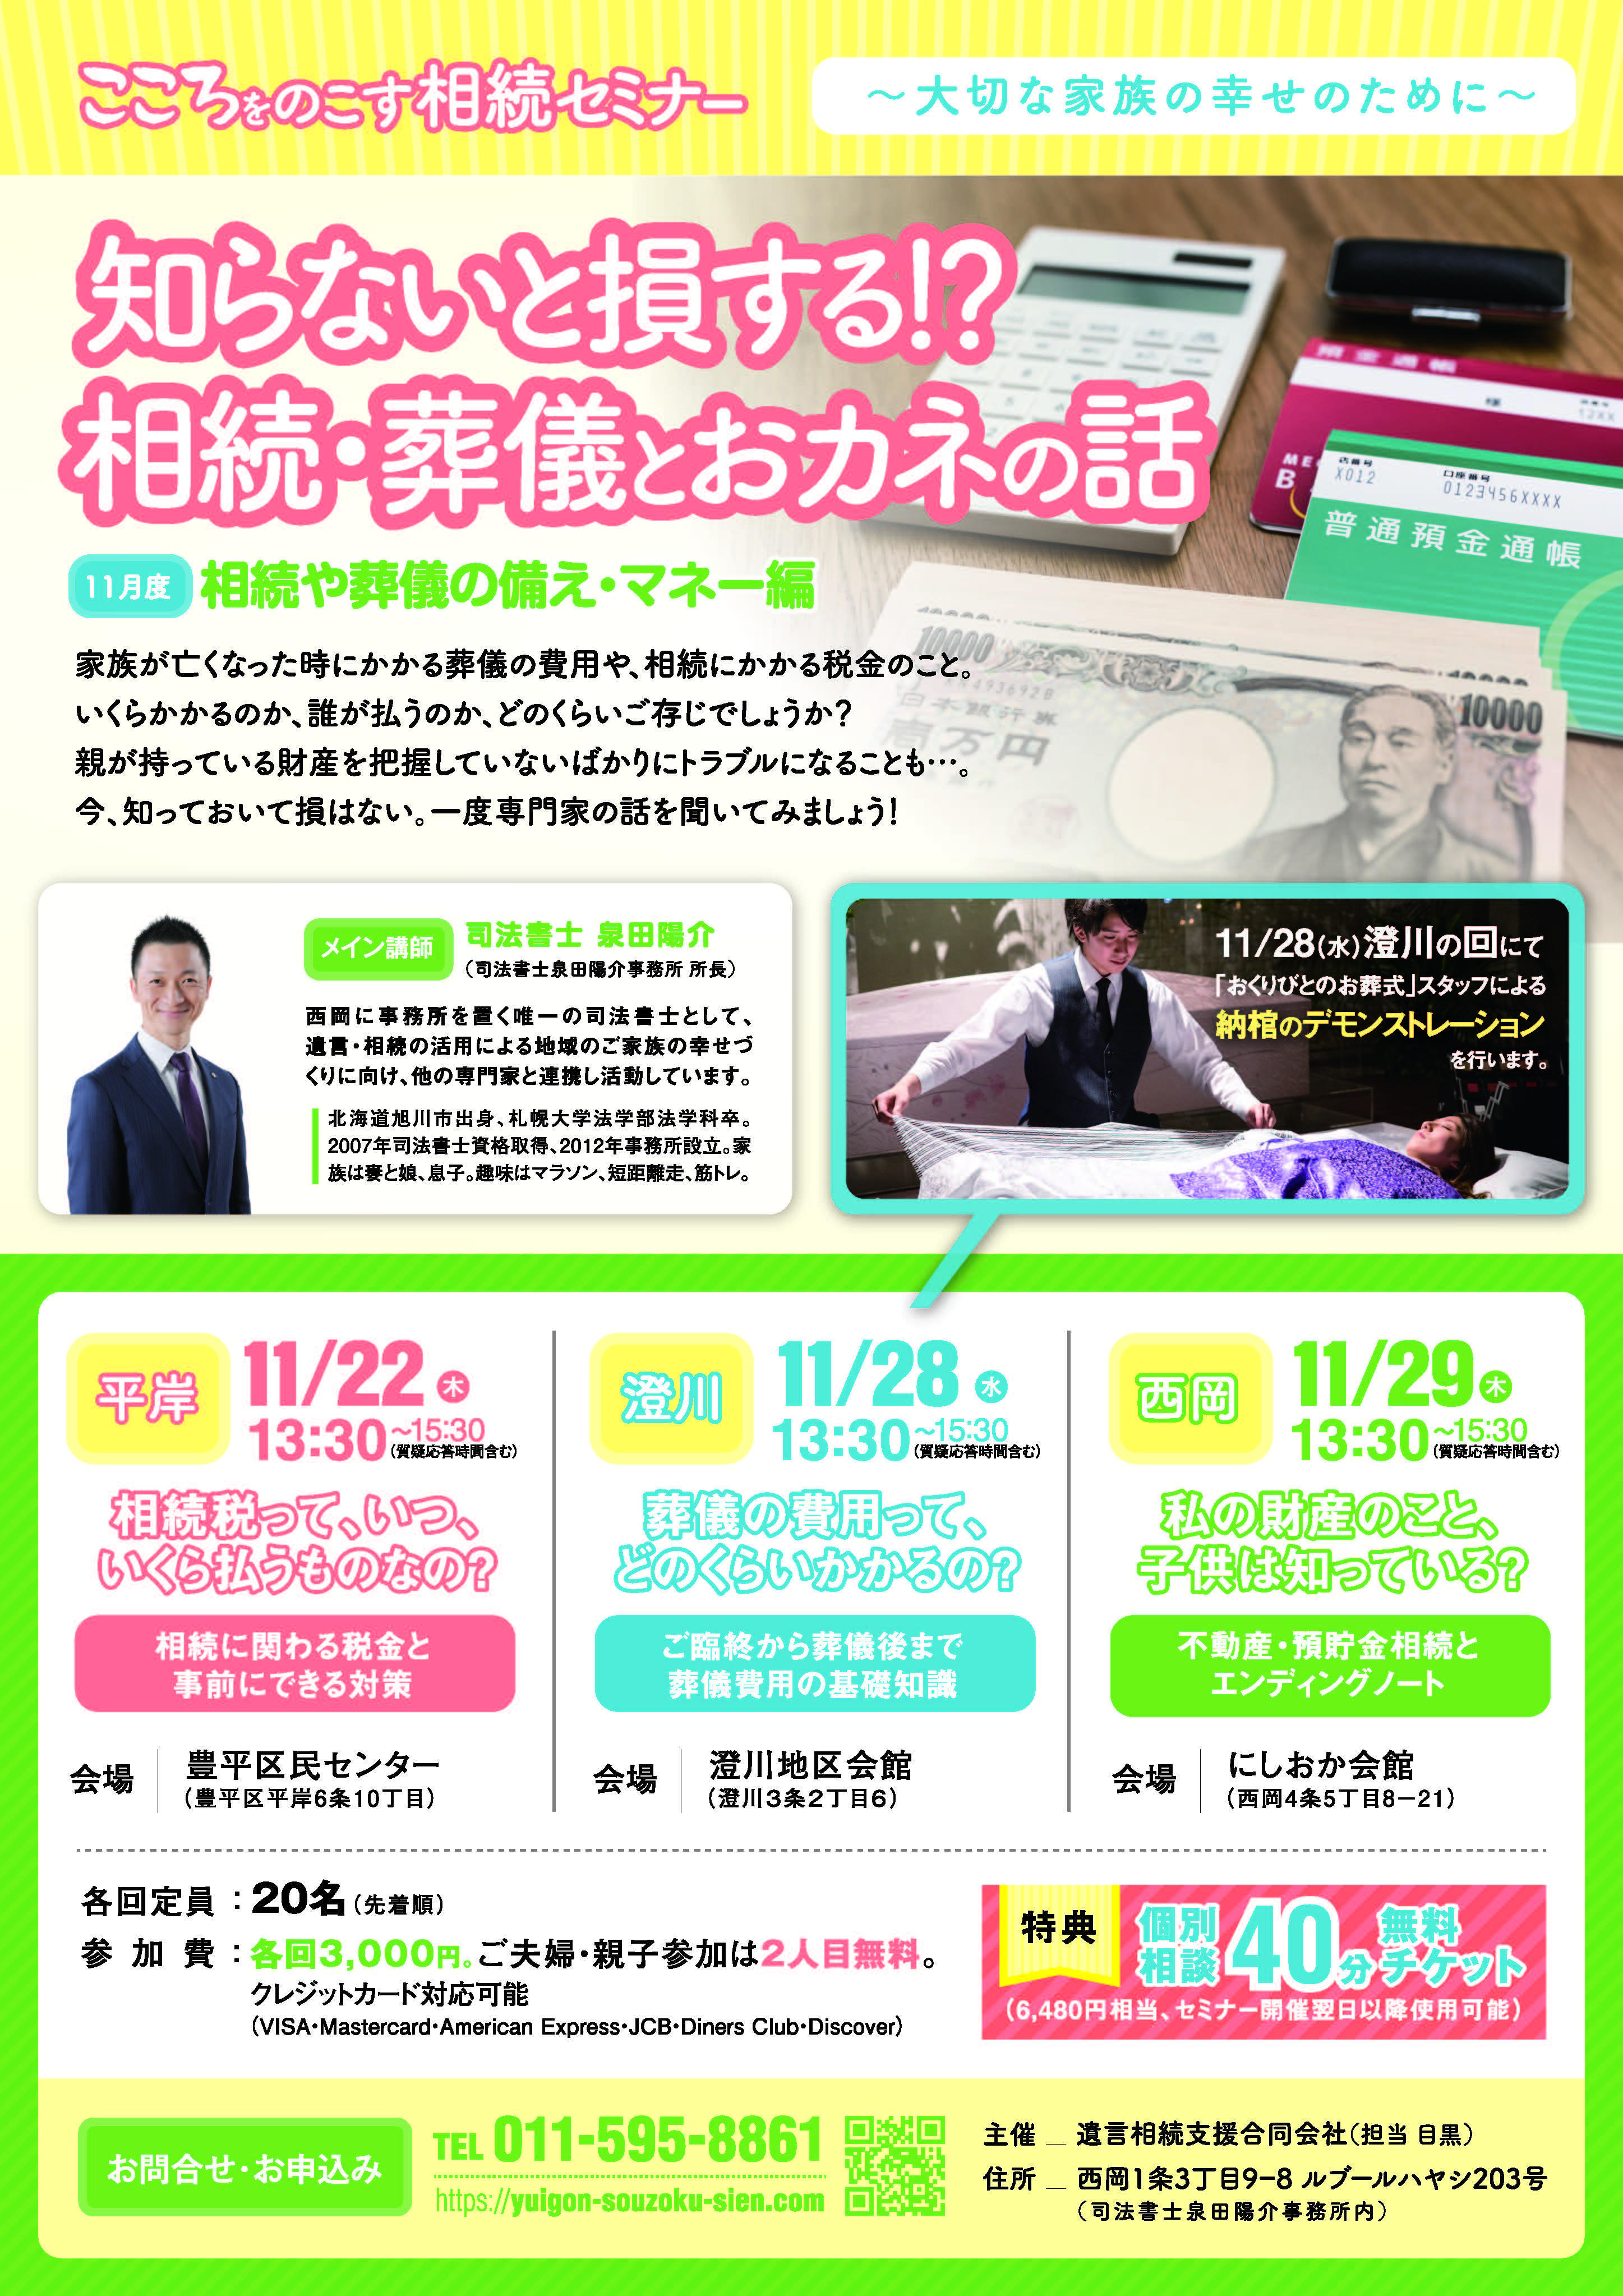 11月度セミナーちらし(11月10日前後に北海道新聞折込予定)